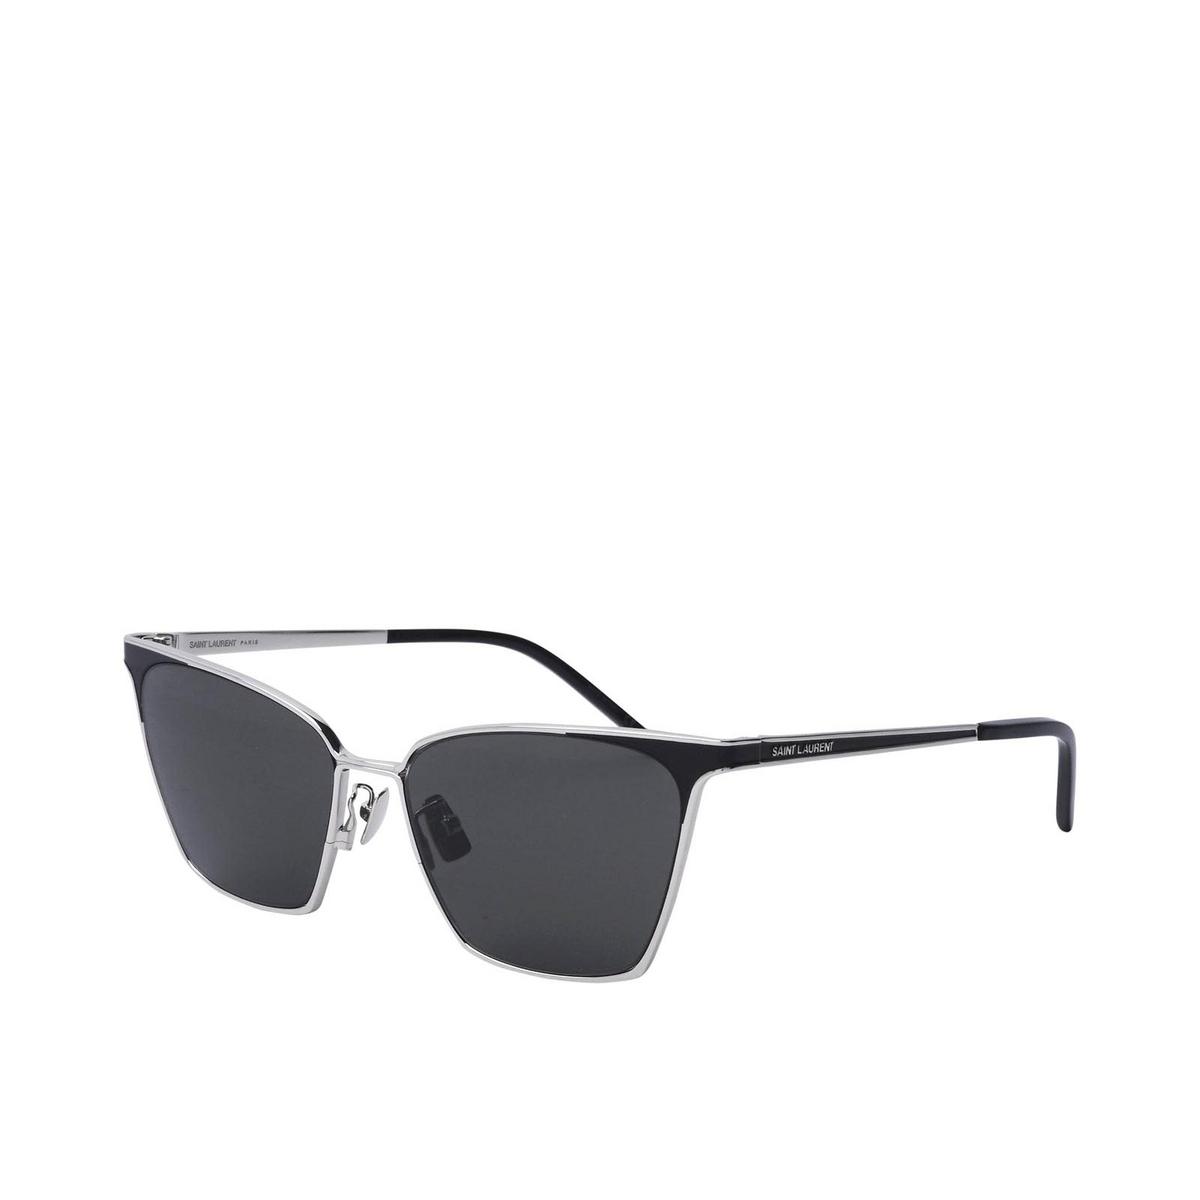 Saint Laurent® Square Sunglasses: SL 429 color Silver 001 - 2/2.